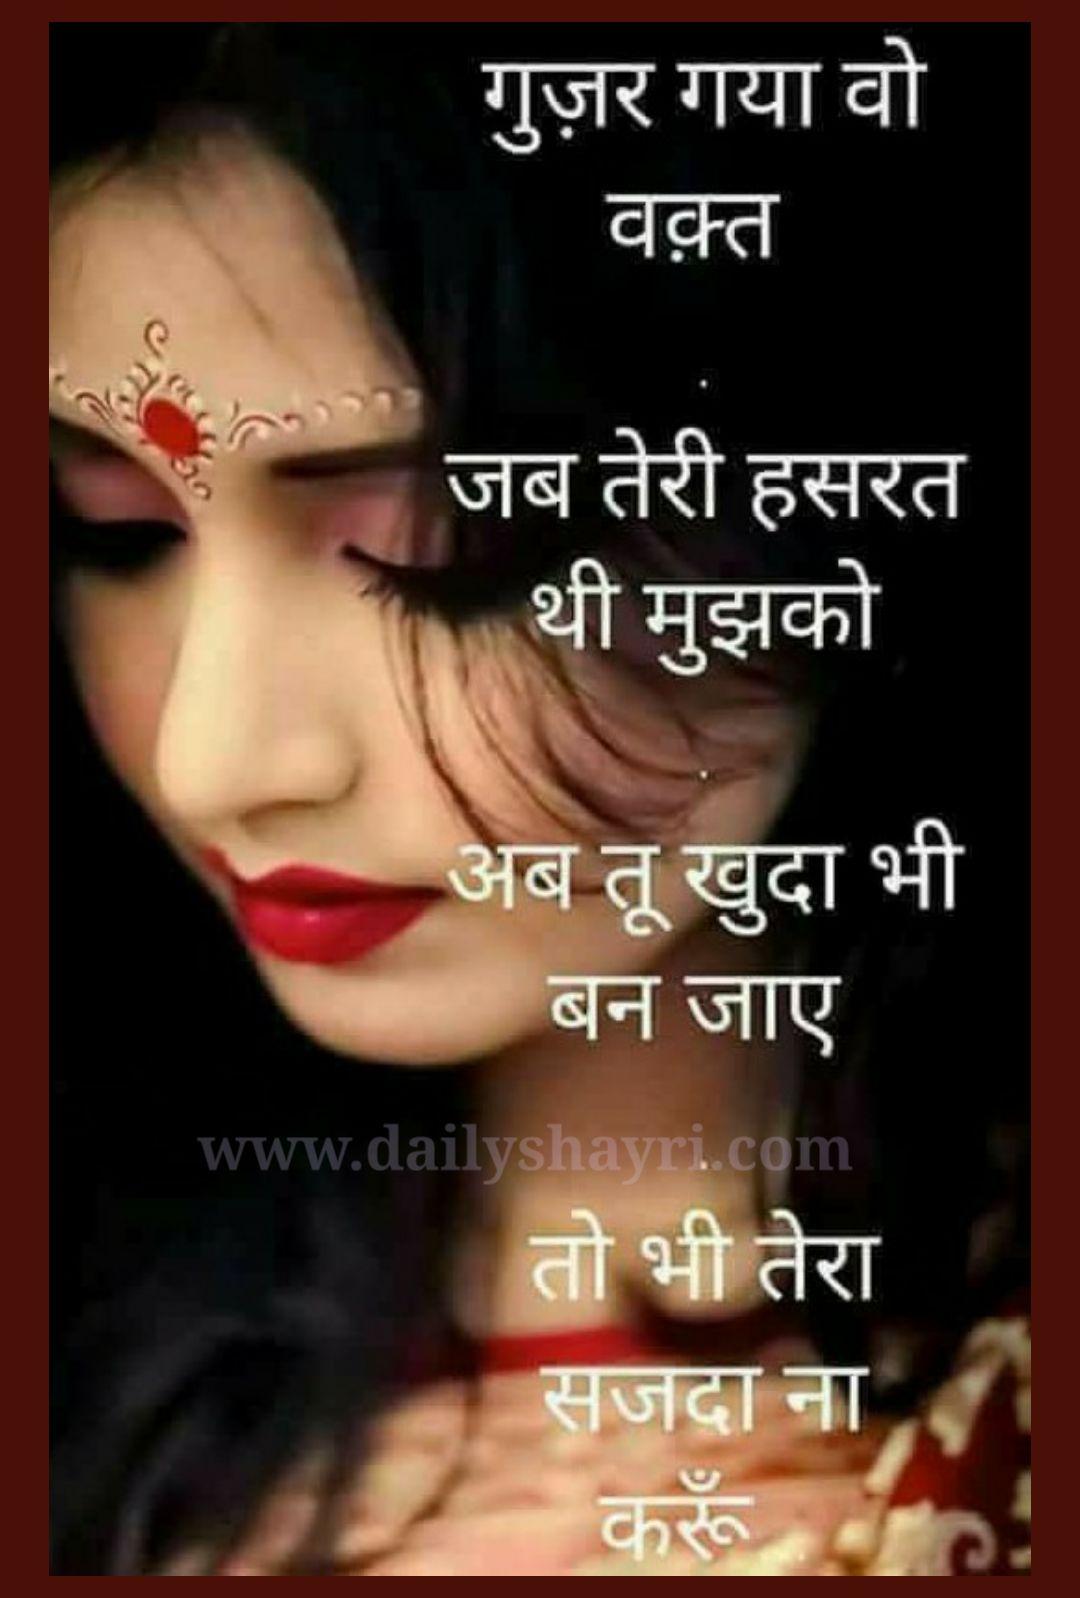 हिंदी शायरी प्यार भरा जो आपके दिल को छू जाएगी। - Hindi Shayari Love Shayari Love Quotes Hd Images